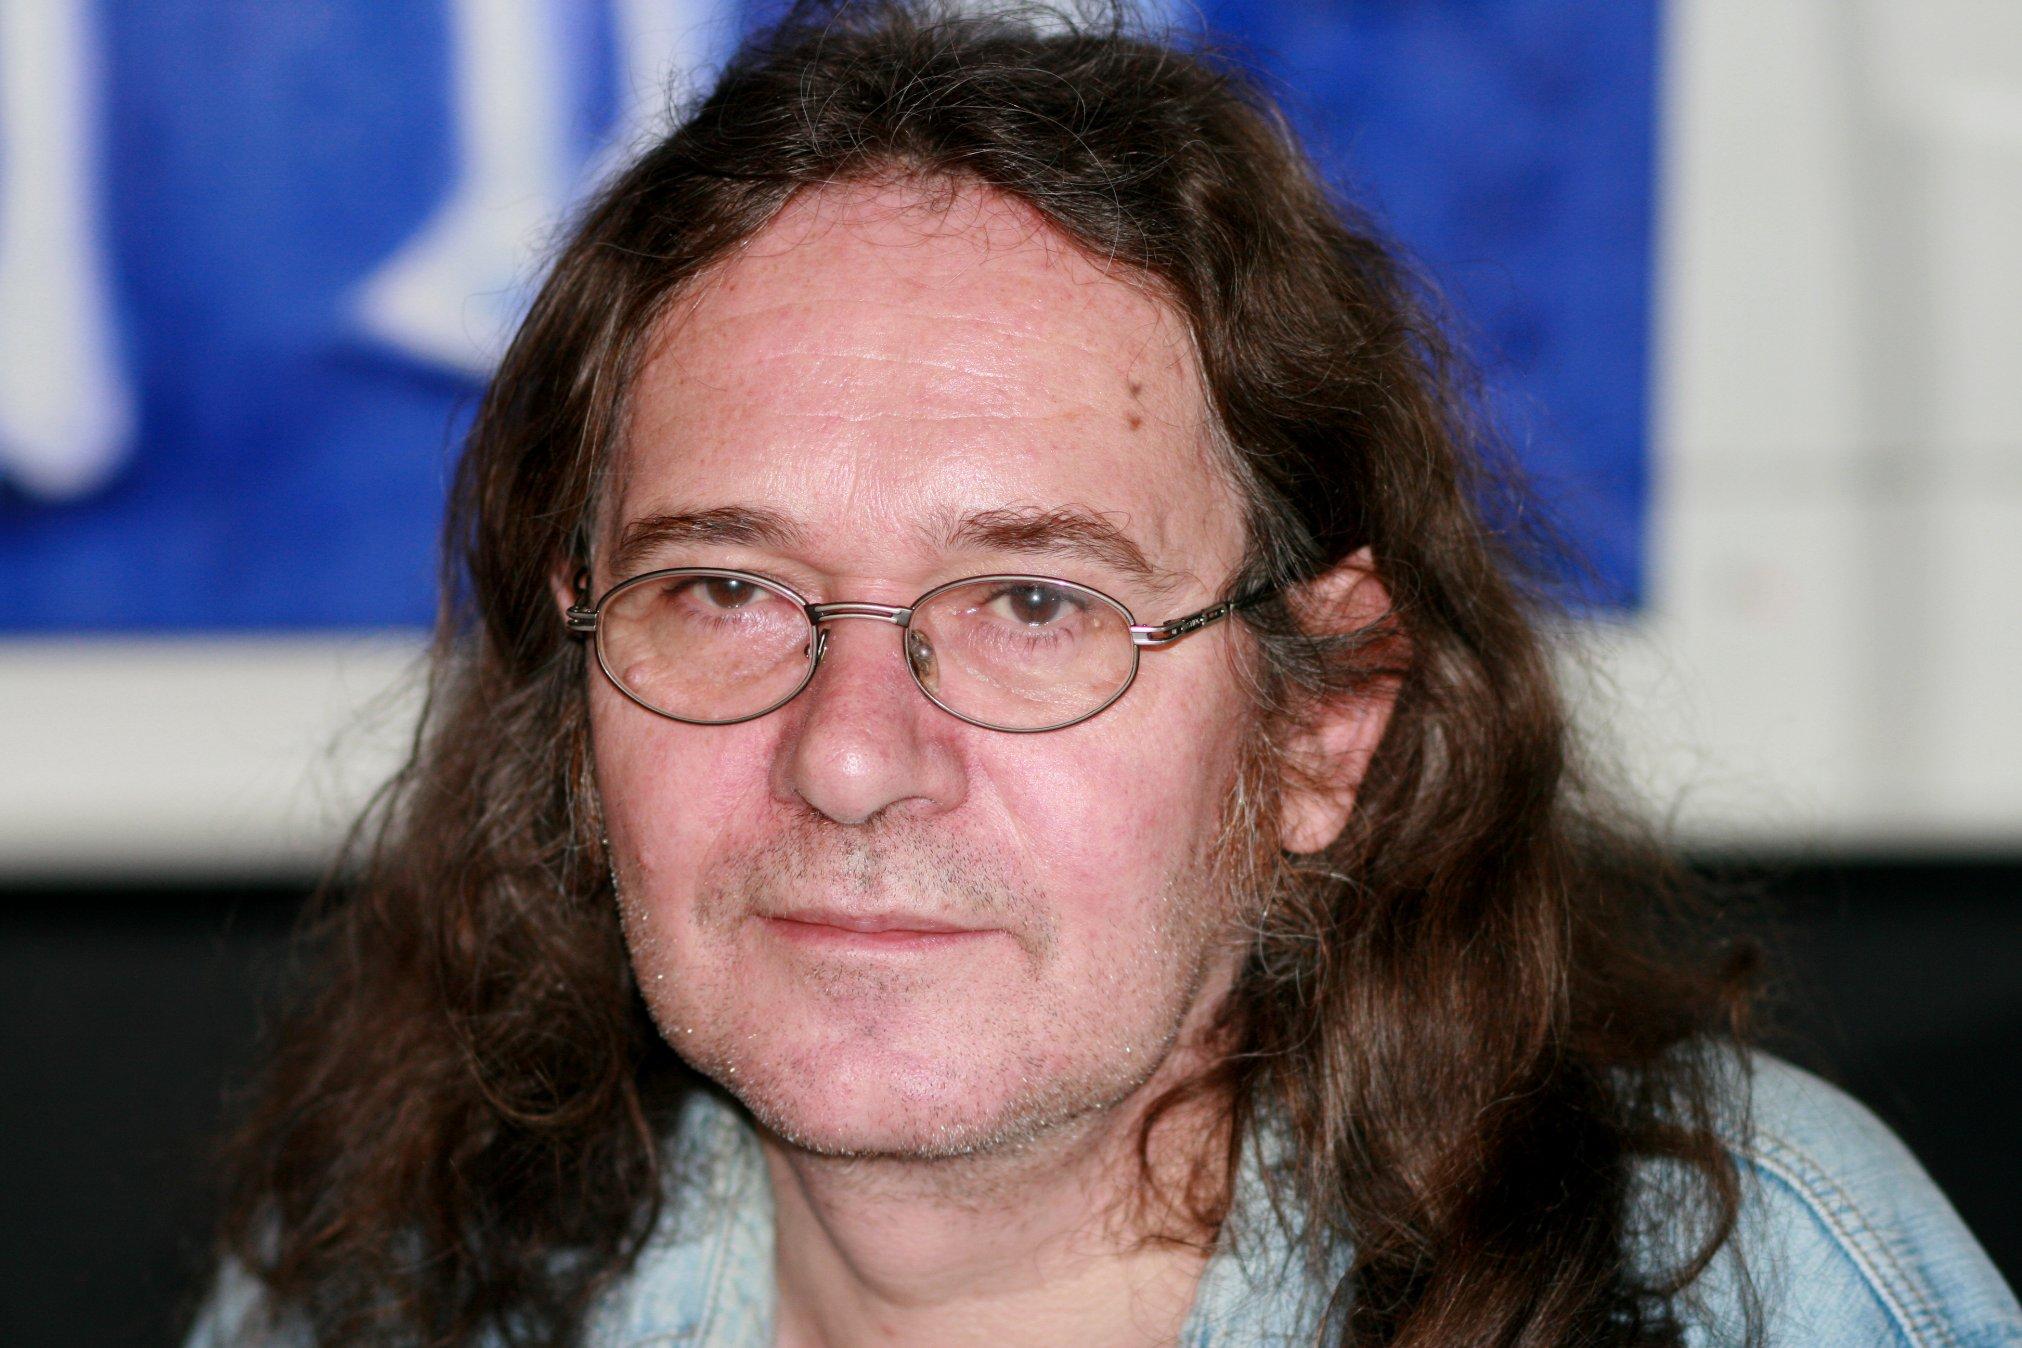 Ingvar Ambjørnsen Wikipedia